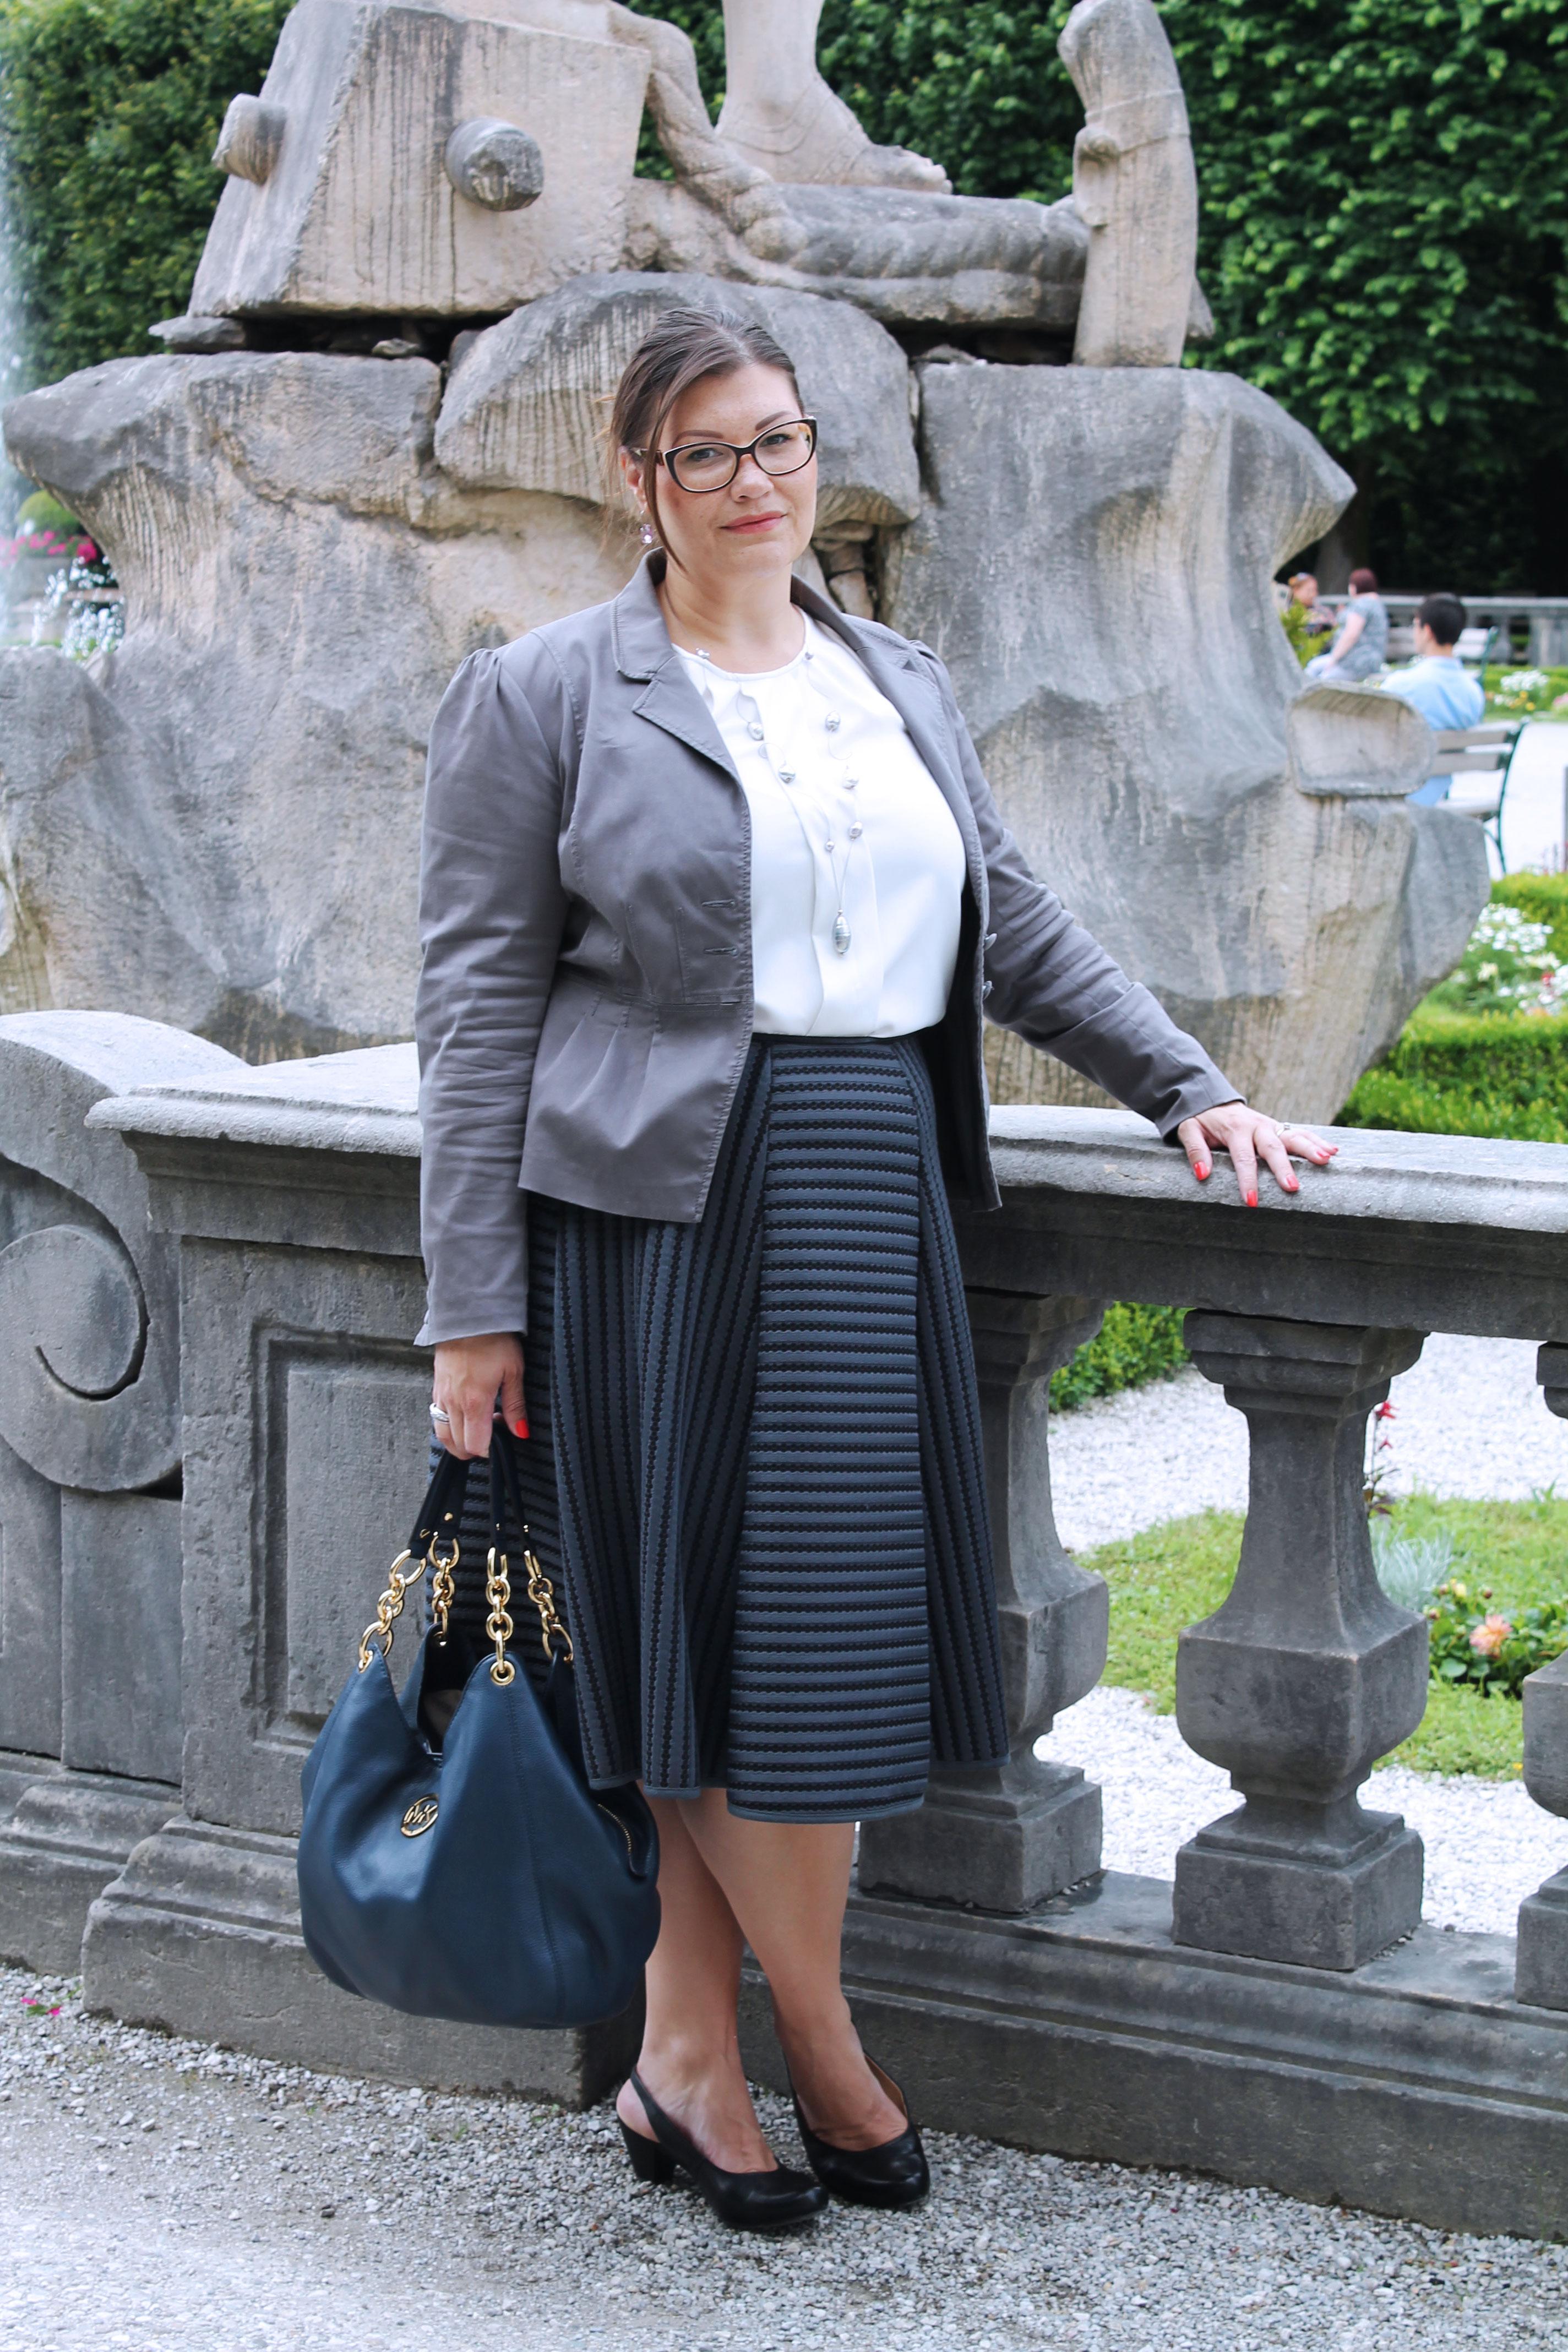 schwarzer-tellerrock-grauer-blazer-statement-brille-michaelkors-bag-hm-plussize-outfit-plussize-fashion-kardiaserena-viennablogger